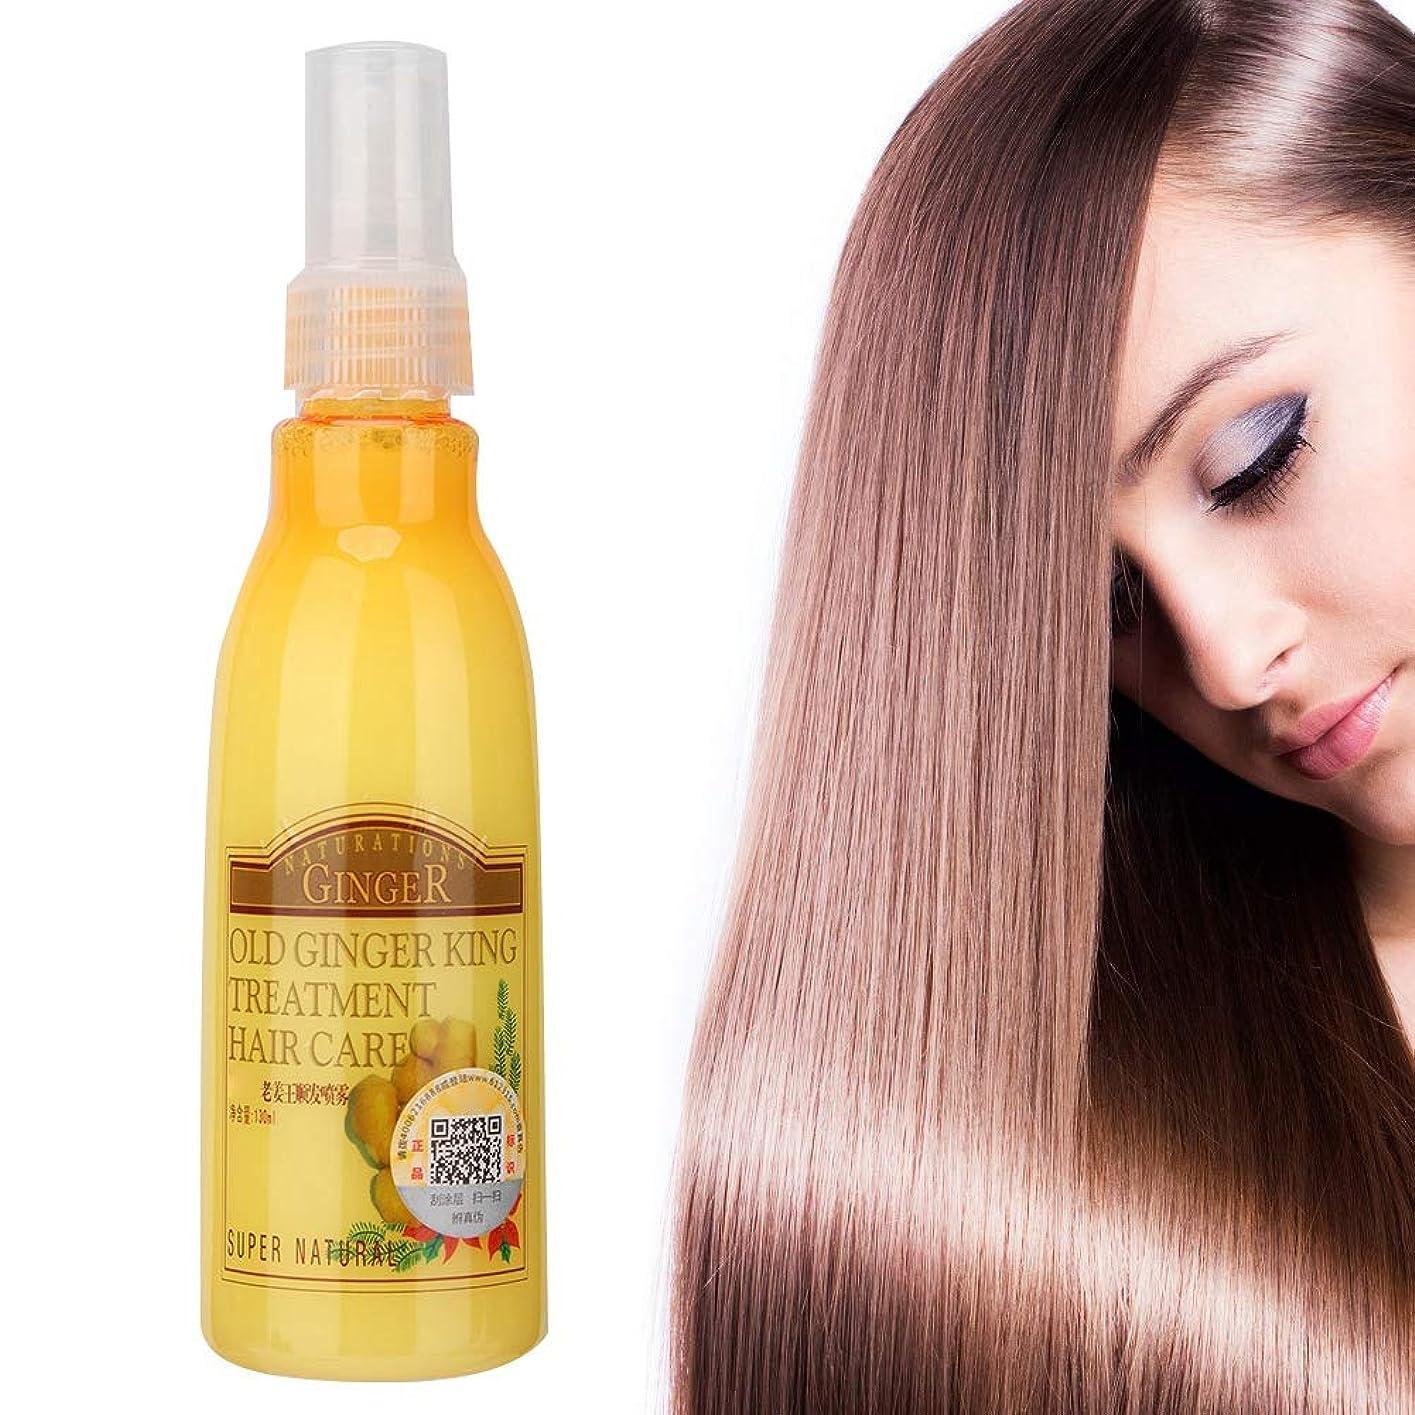 男らしさクルーズ夜130ミリリットルヘアエッセンスオイル、栄養補修損傷スプリットフリッツ女性の髪の問題を解決するためにフケ頭皮ケアを減らす